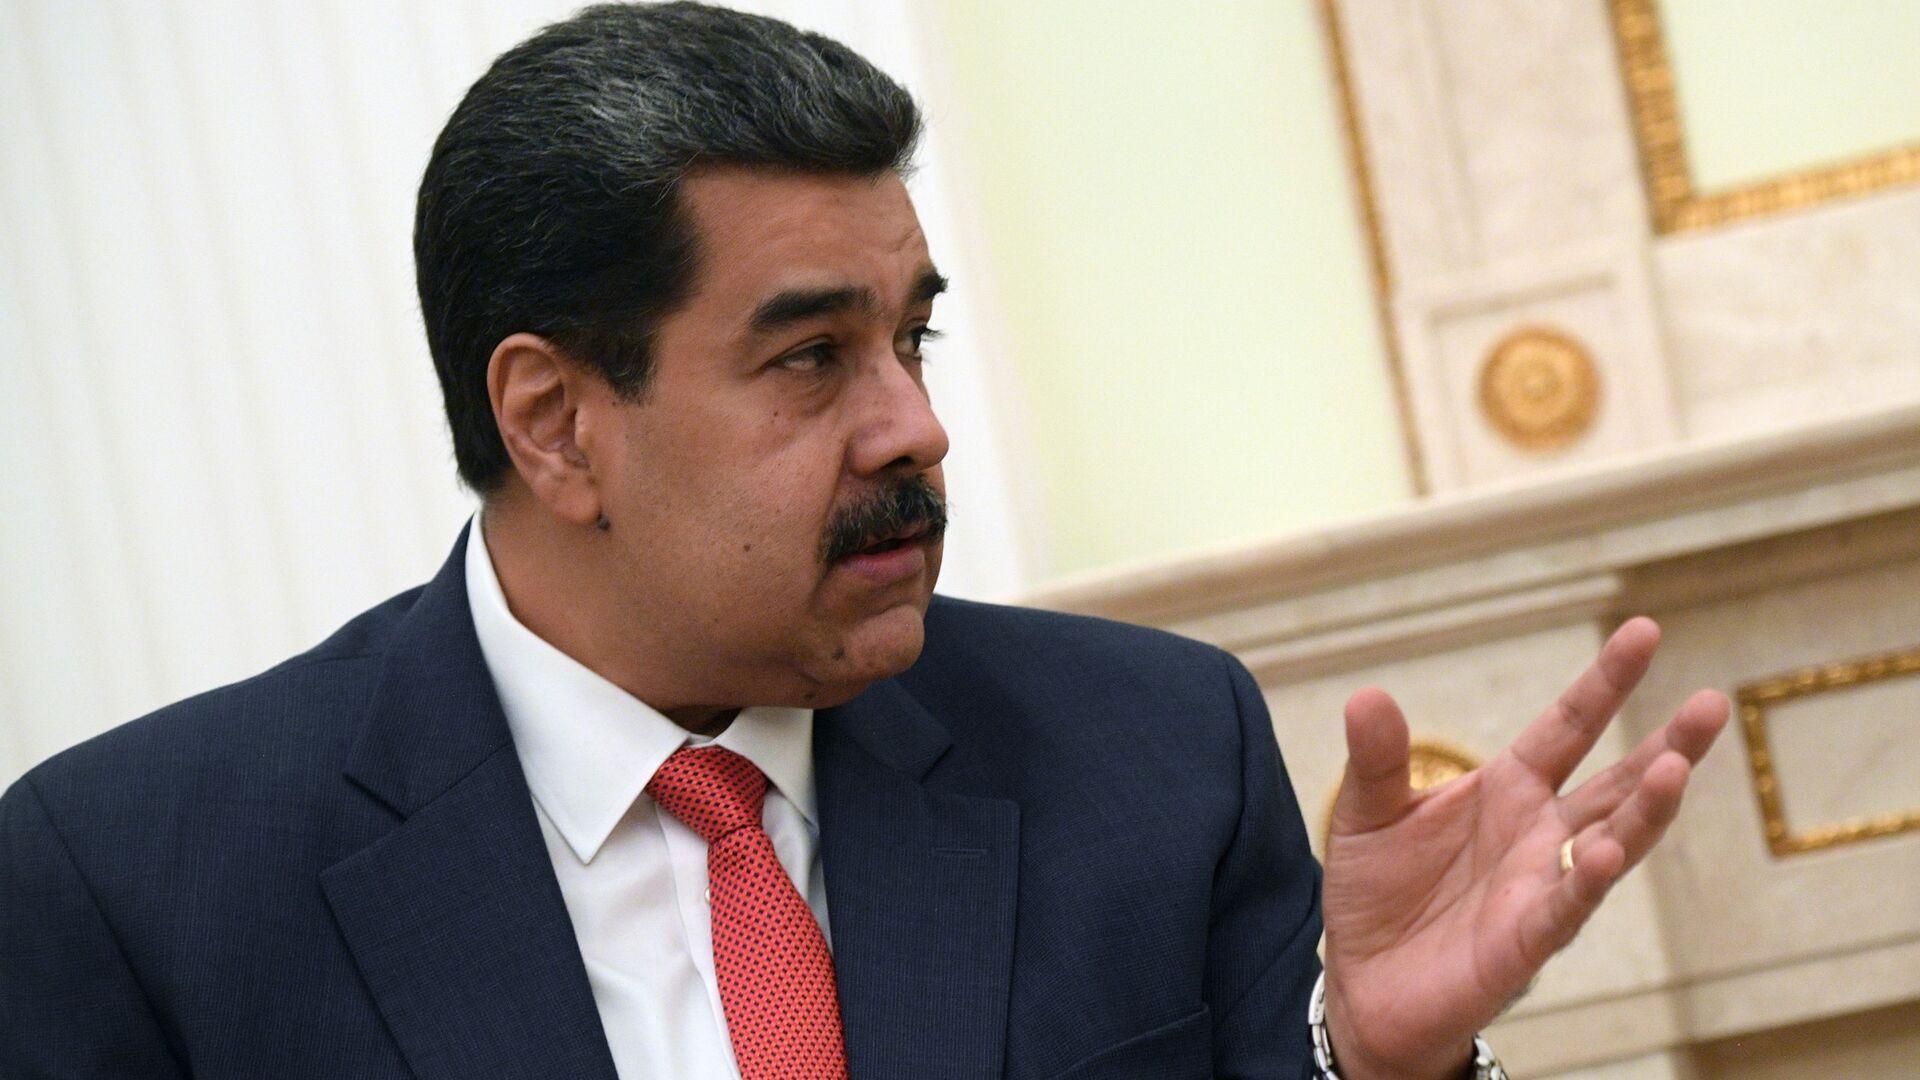 Nicolás Maduro, el presidente de Venezuela  - Sputnik Mundo, 1920, 23.07.2021